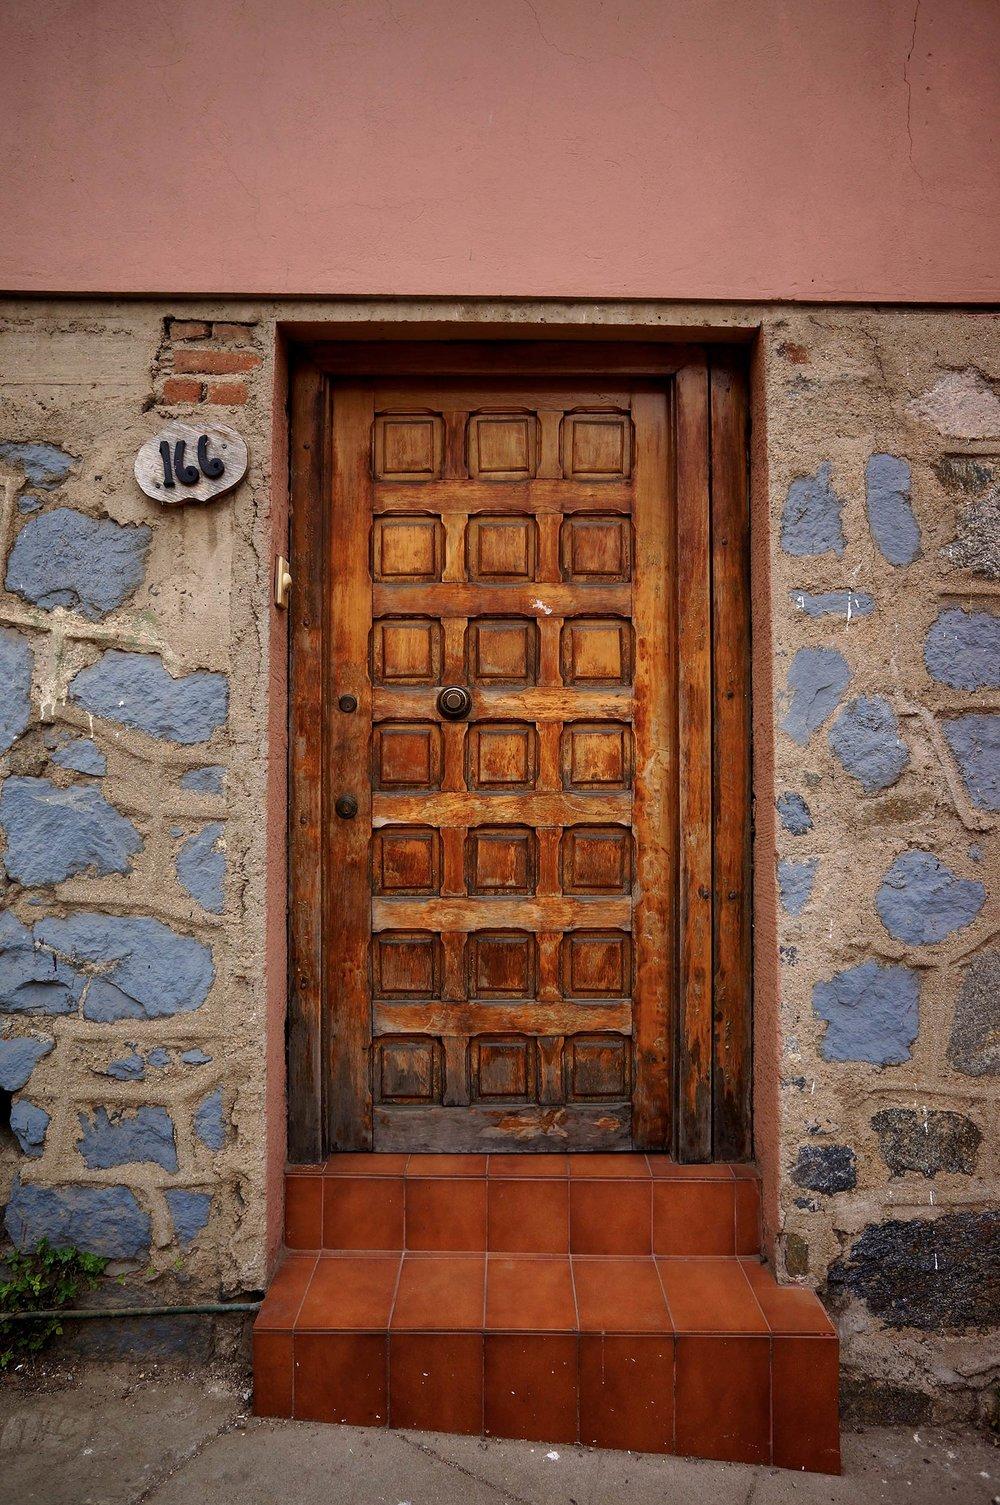 valparaiso_chile_door.jpg